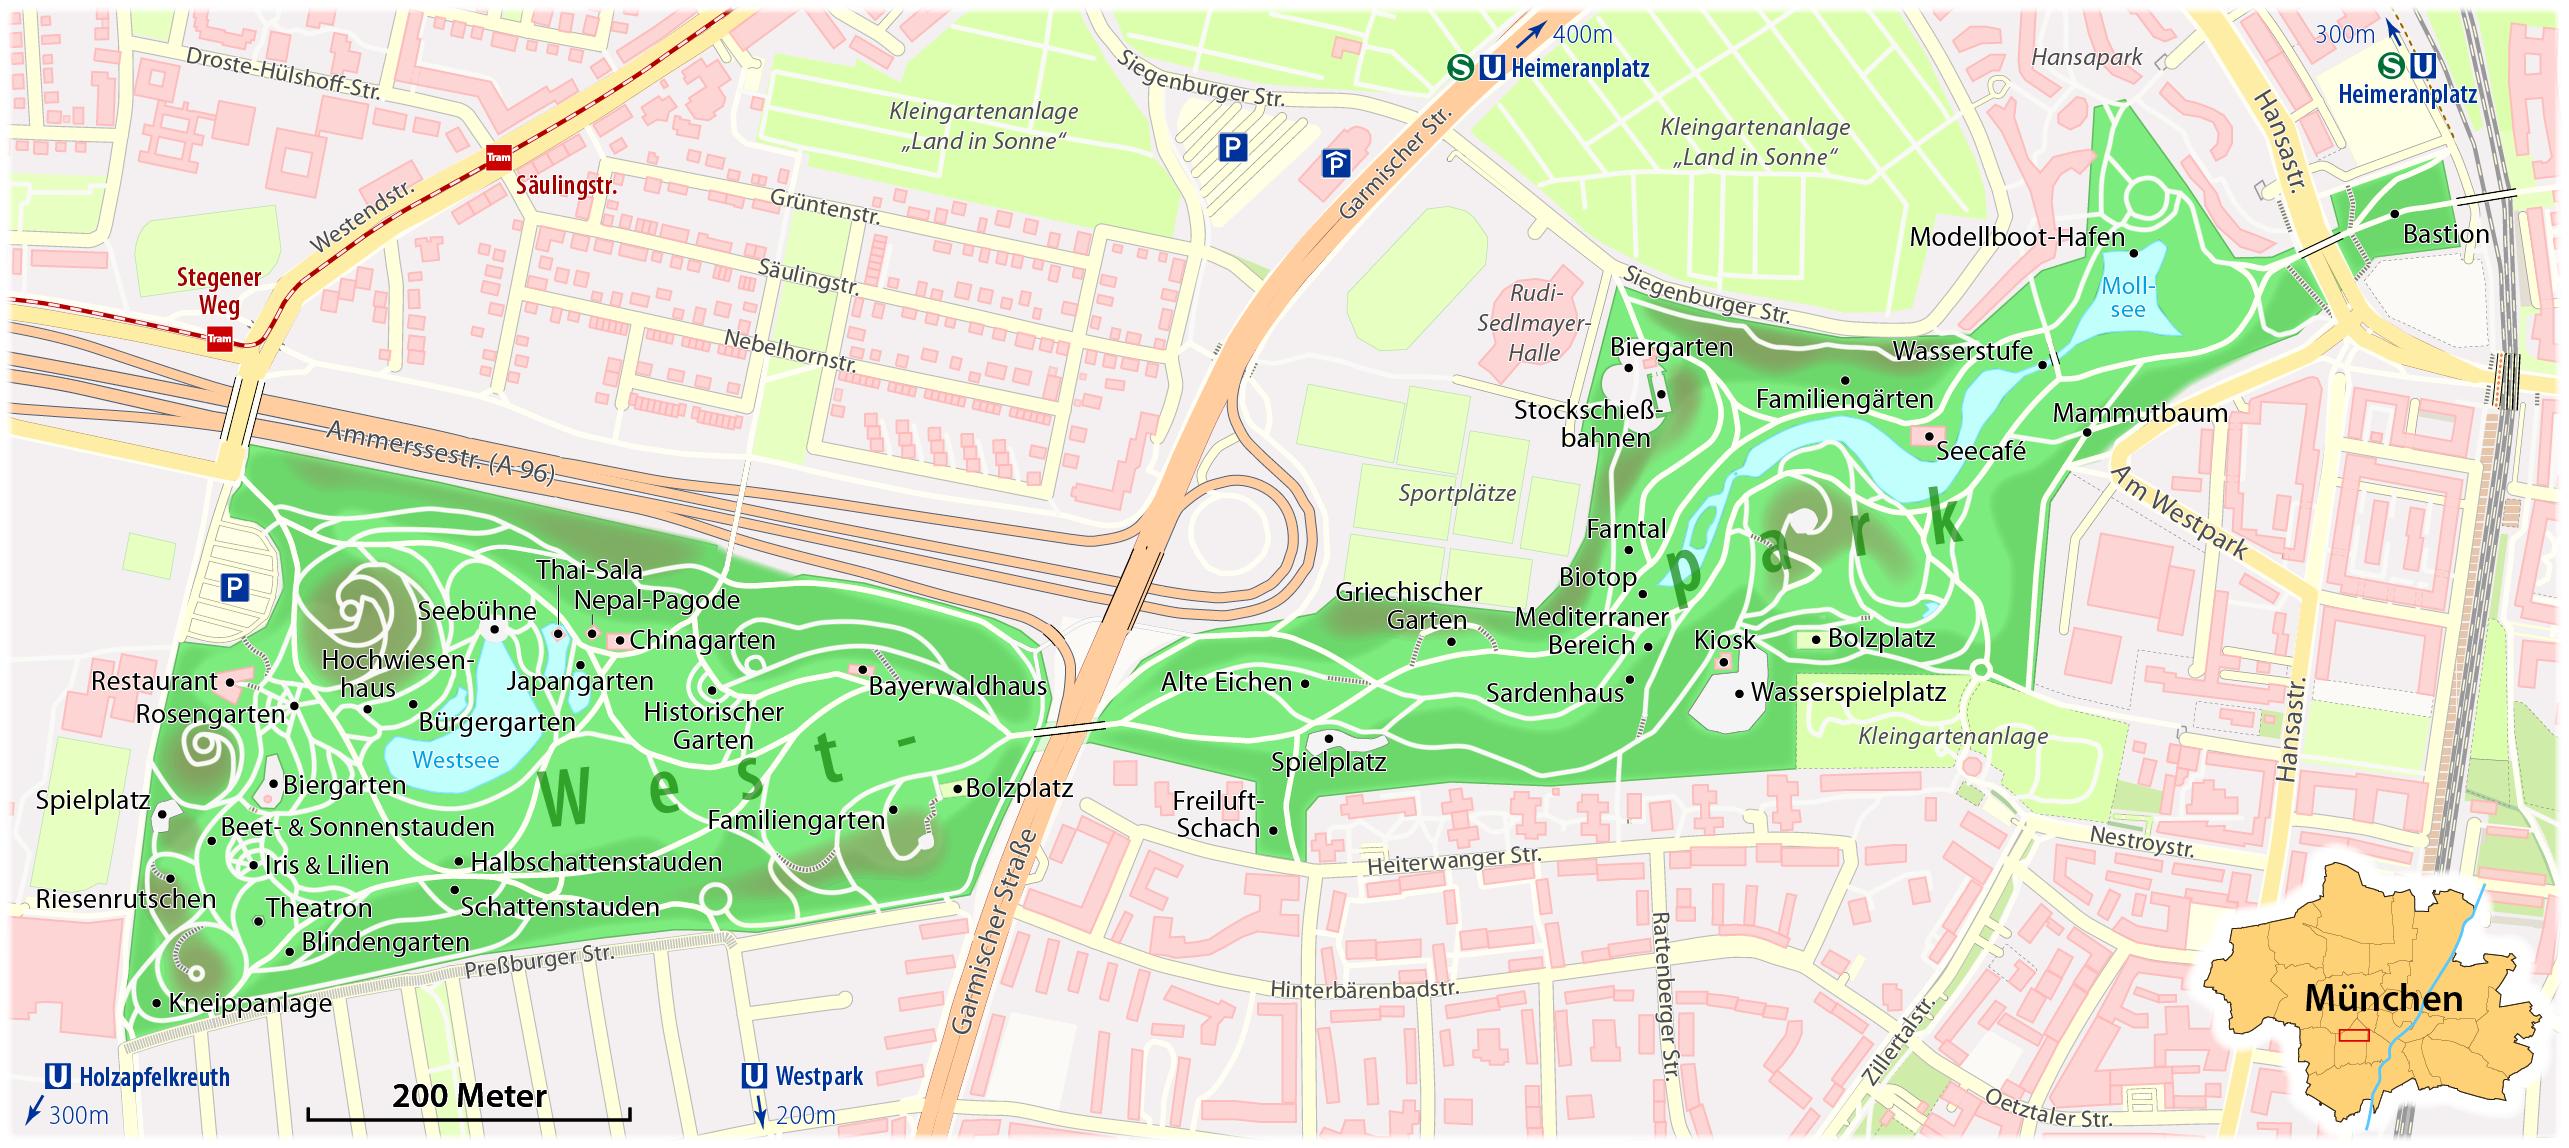 Westpark karte, Munich